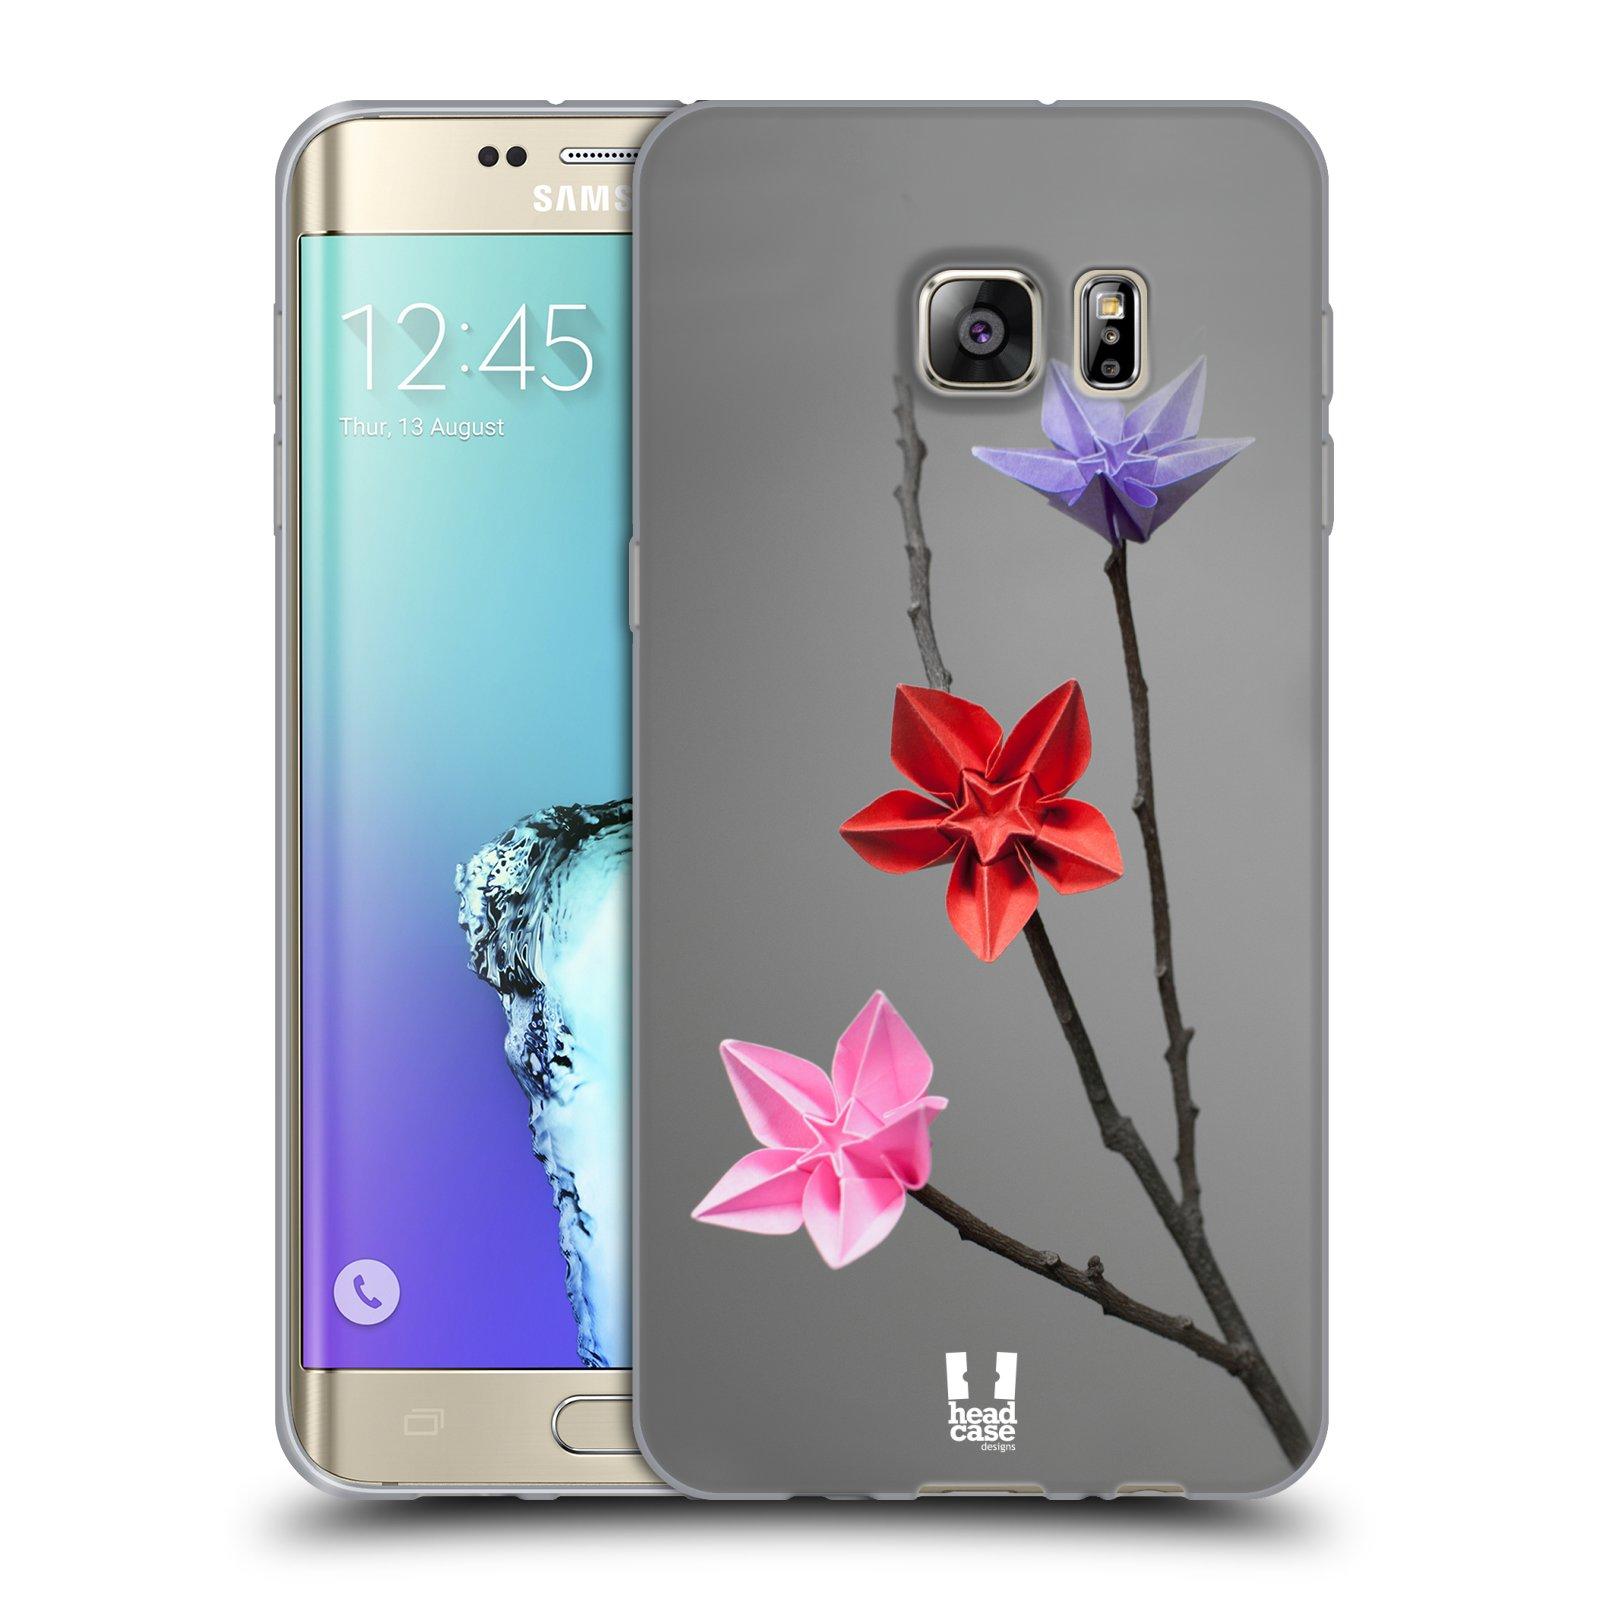 HEAD CASE silikonový obal na mobil Samsung Galaxy S6 EDGE PLUS vzor ORIGAMI KVĚTINA hvězda